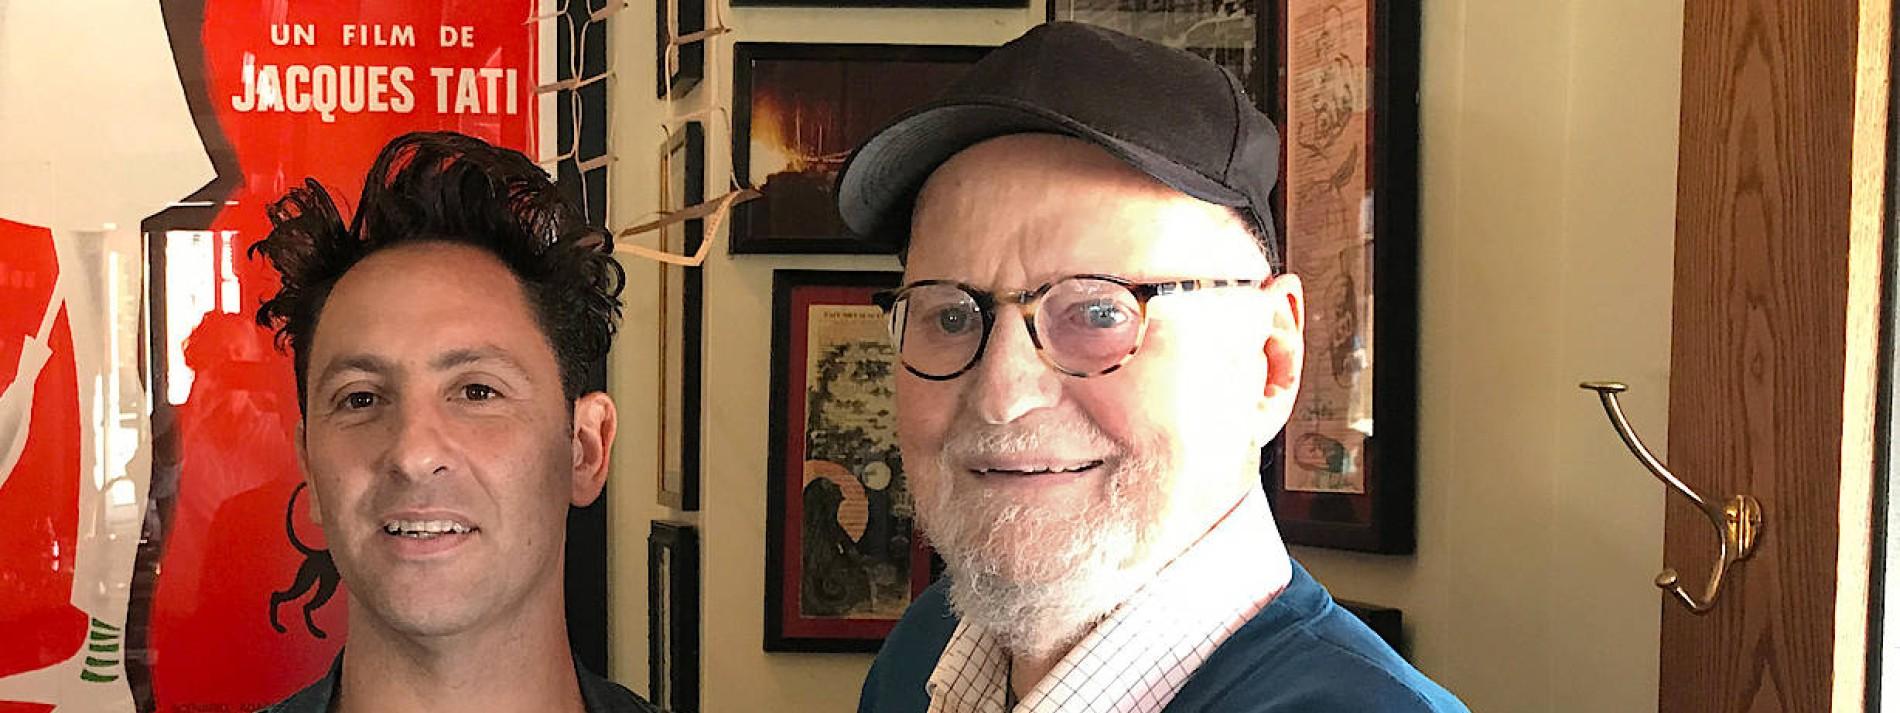 Lawrence Ferlinghetti im Alter von 101 Jahren gestorben